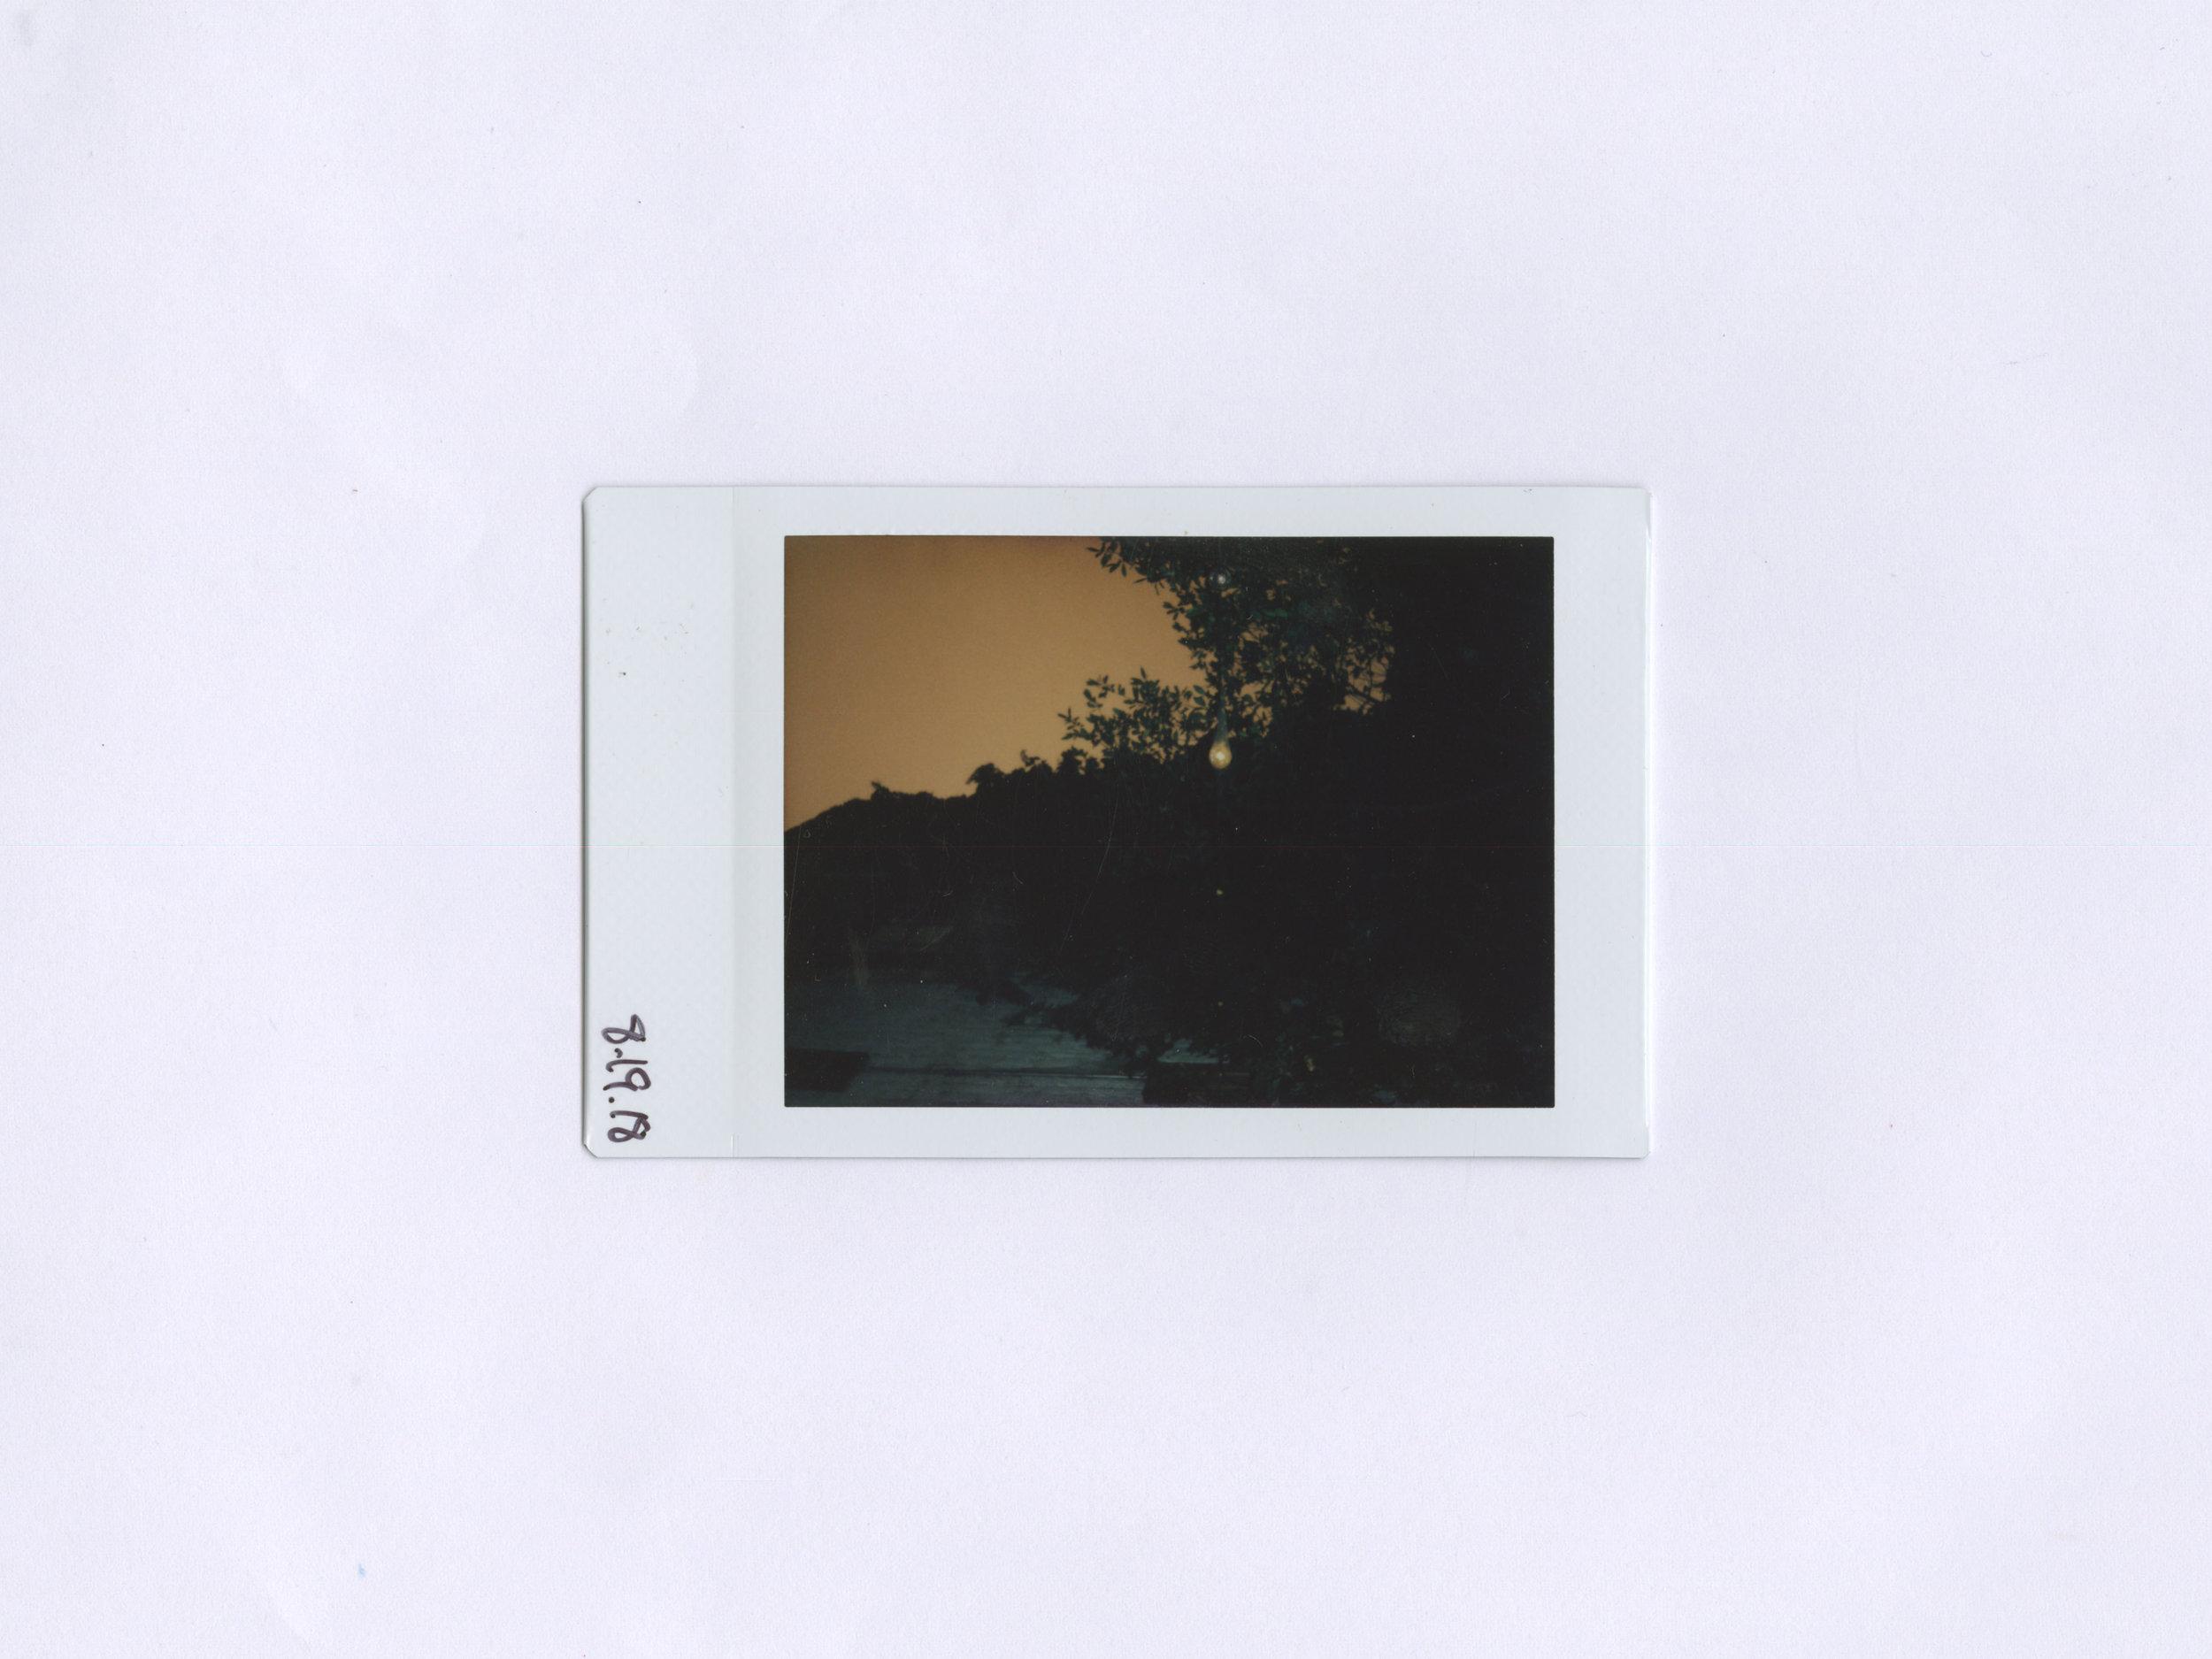 8.19.18D.jpg